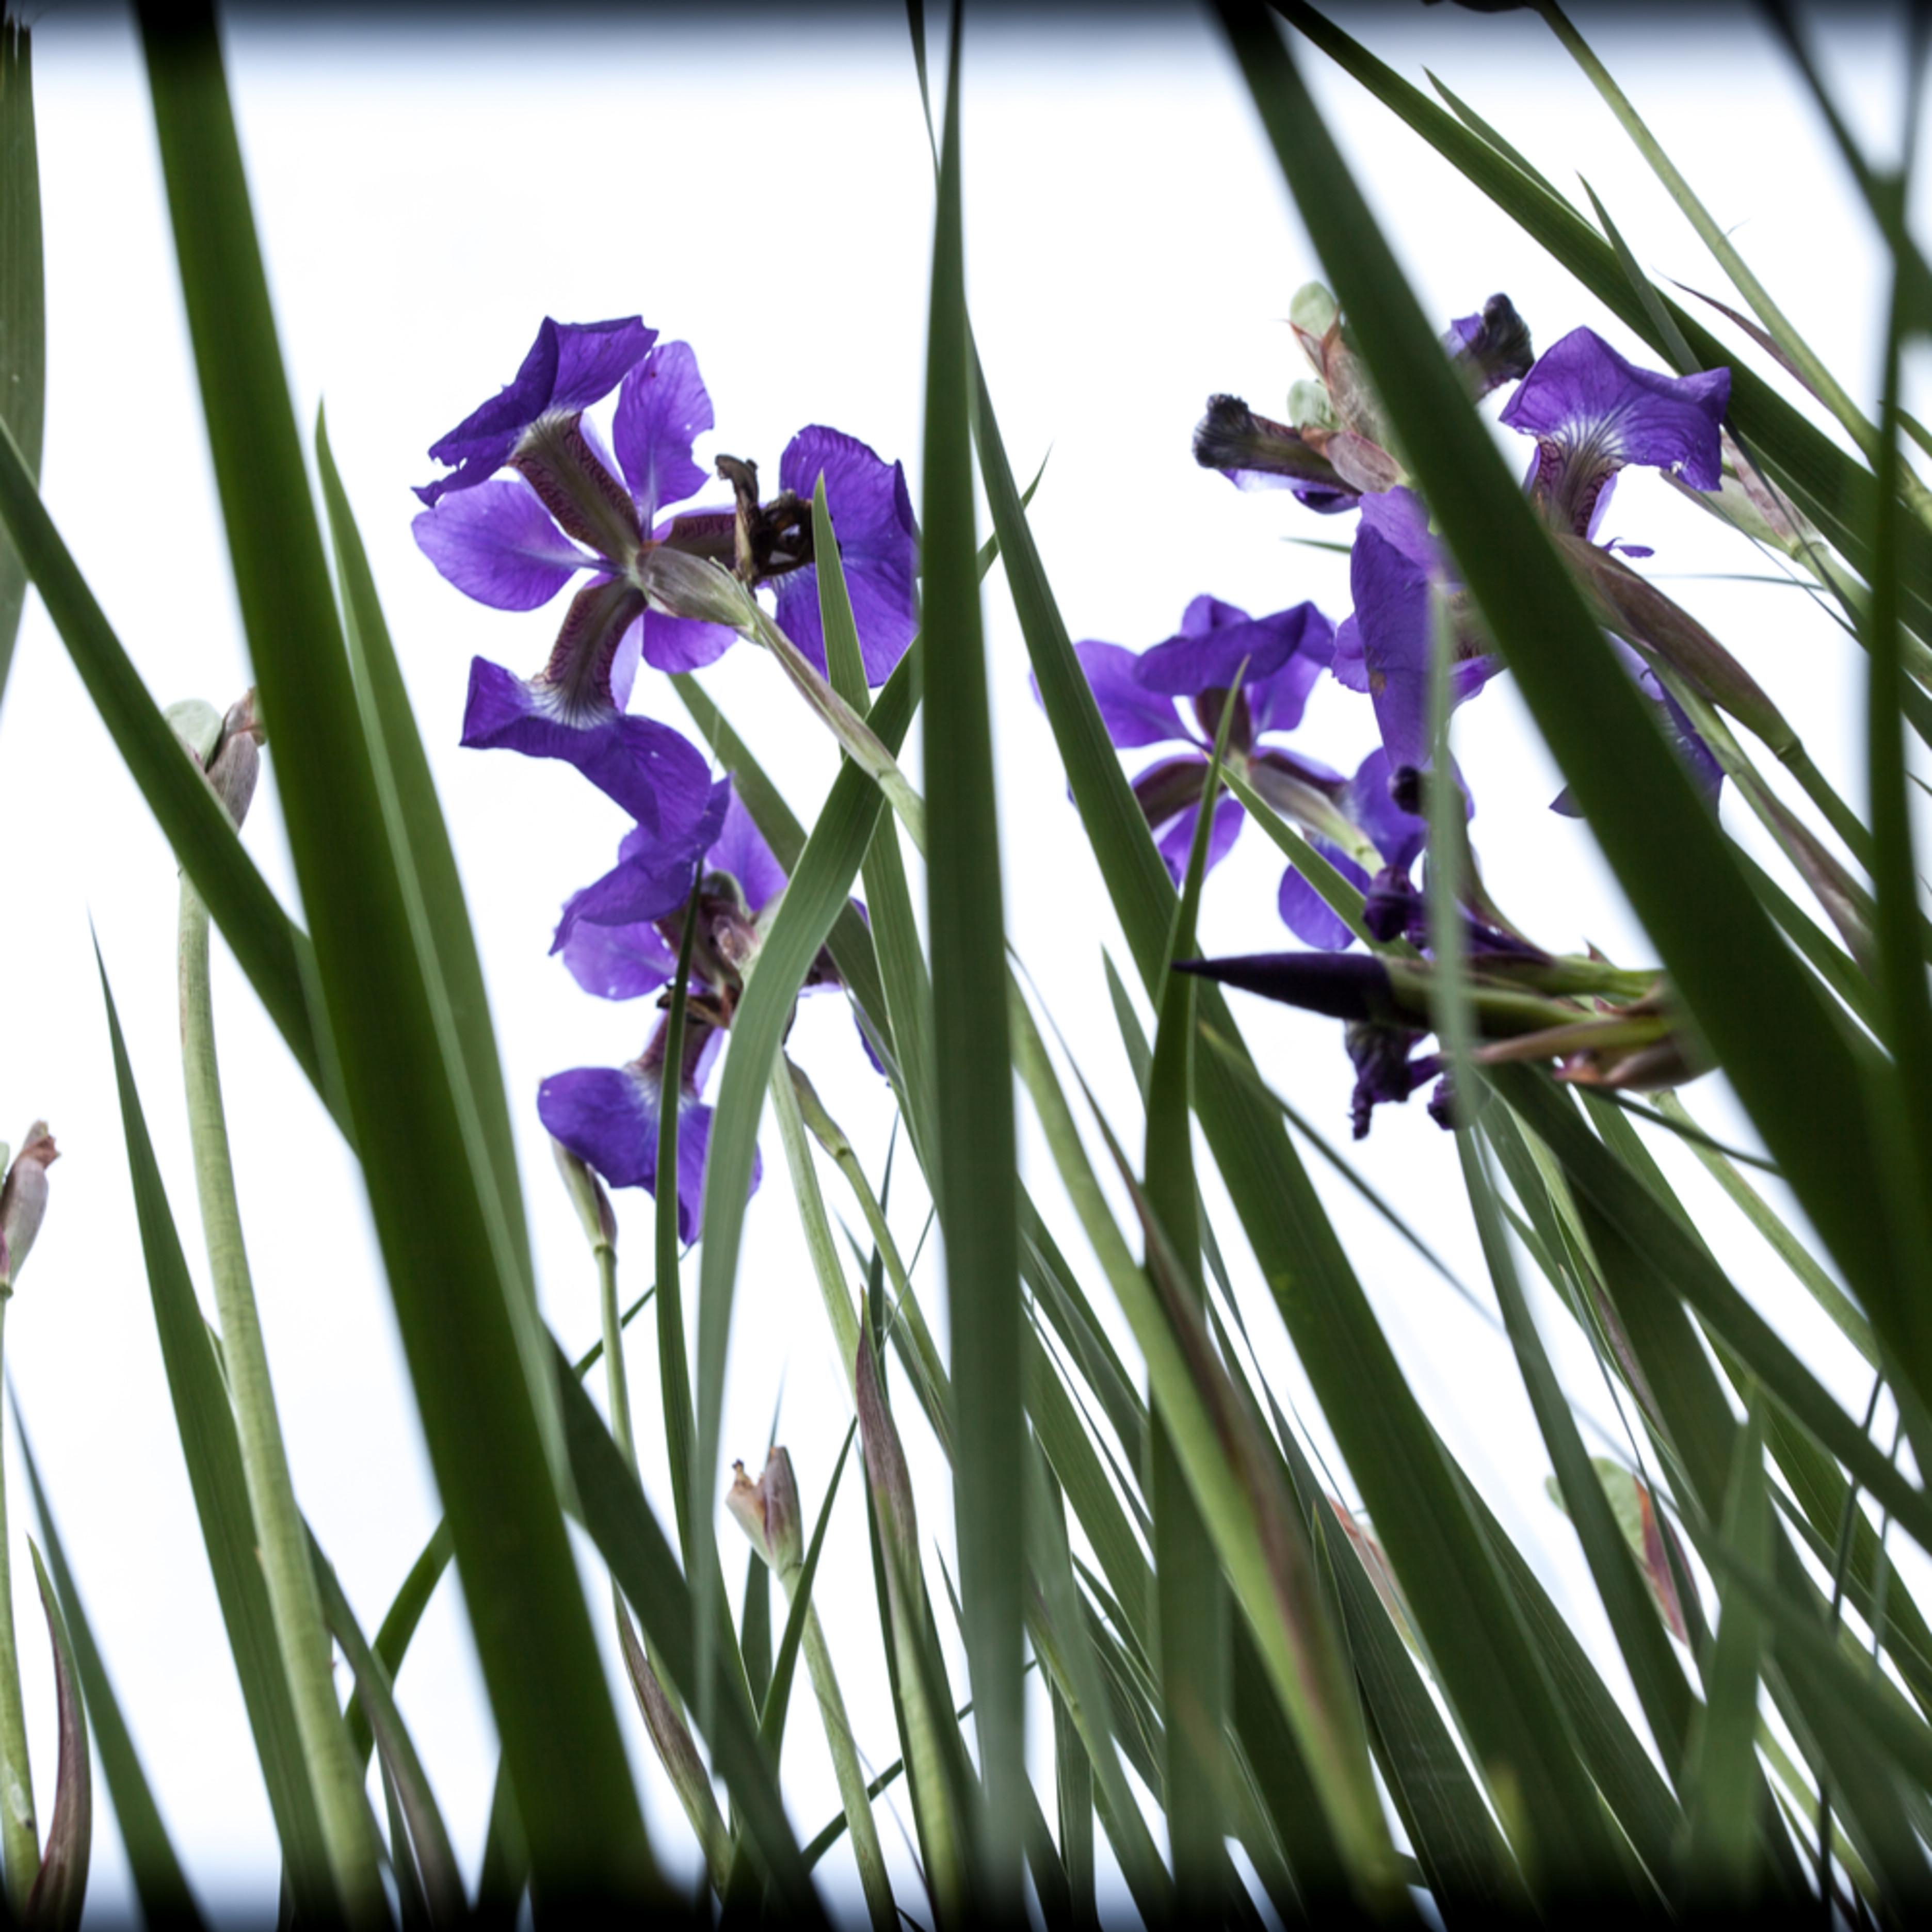 Iris 2641 fgxcfy